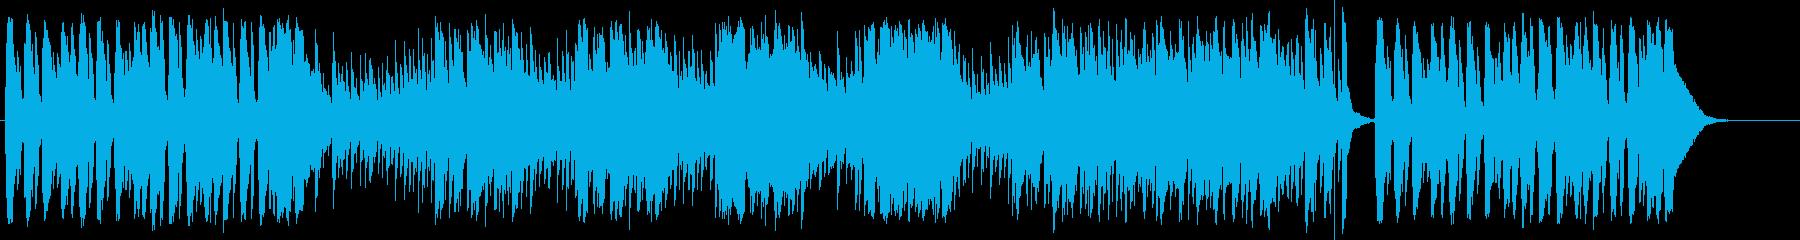 ワールドインストゥルメンタル。ジプ...の再生済みの波形